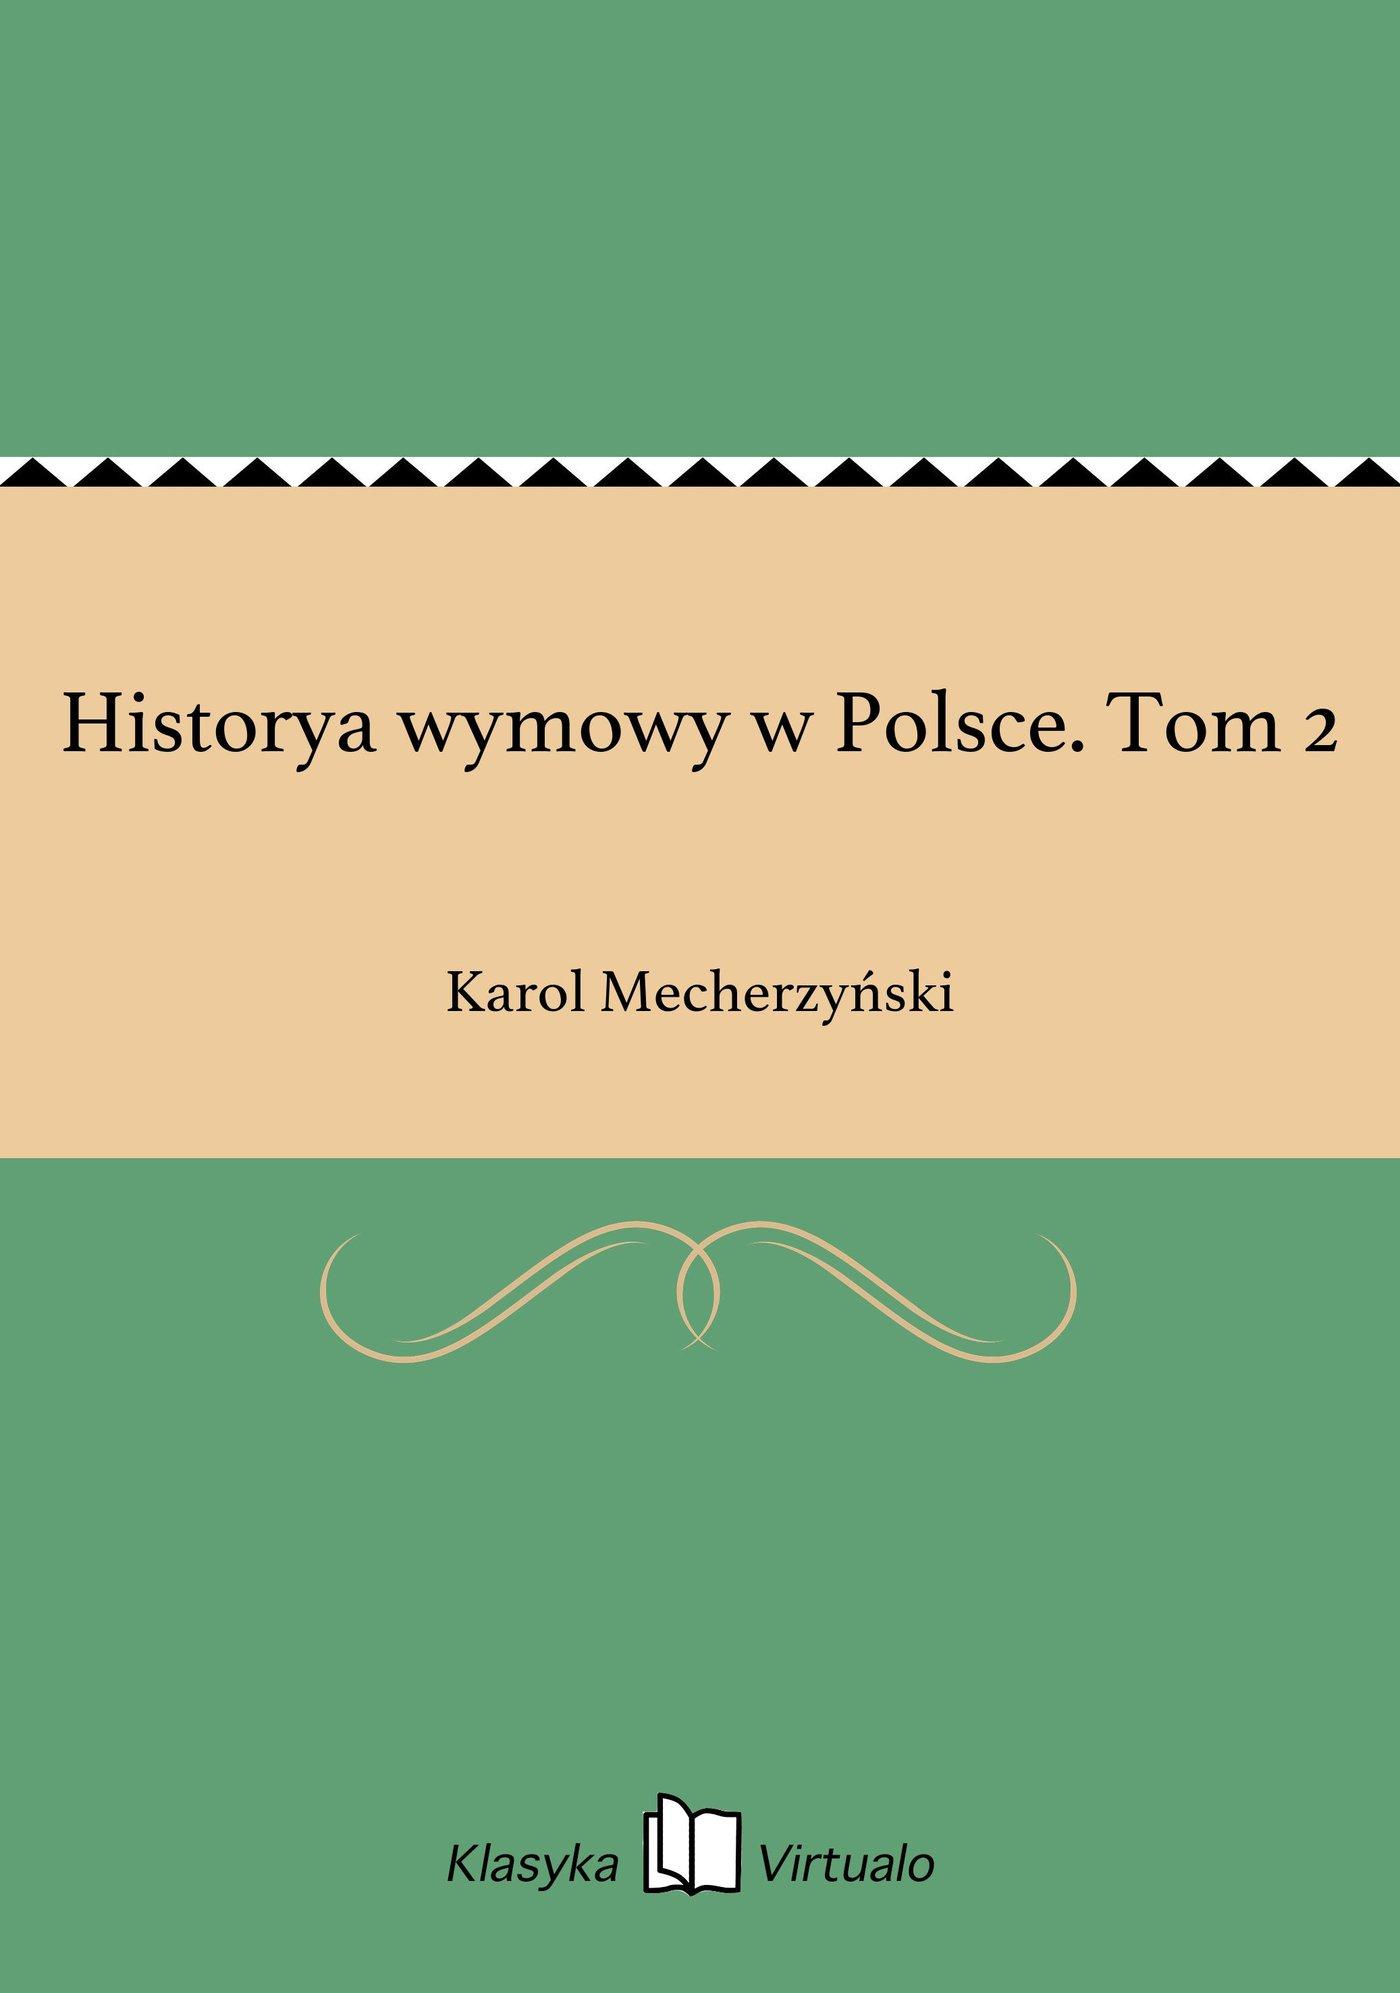 Historya wymowy w Polsce. Tom 2 - Ebook (Książka EPUB) do pobrania w formacie EPUB